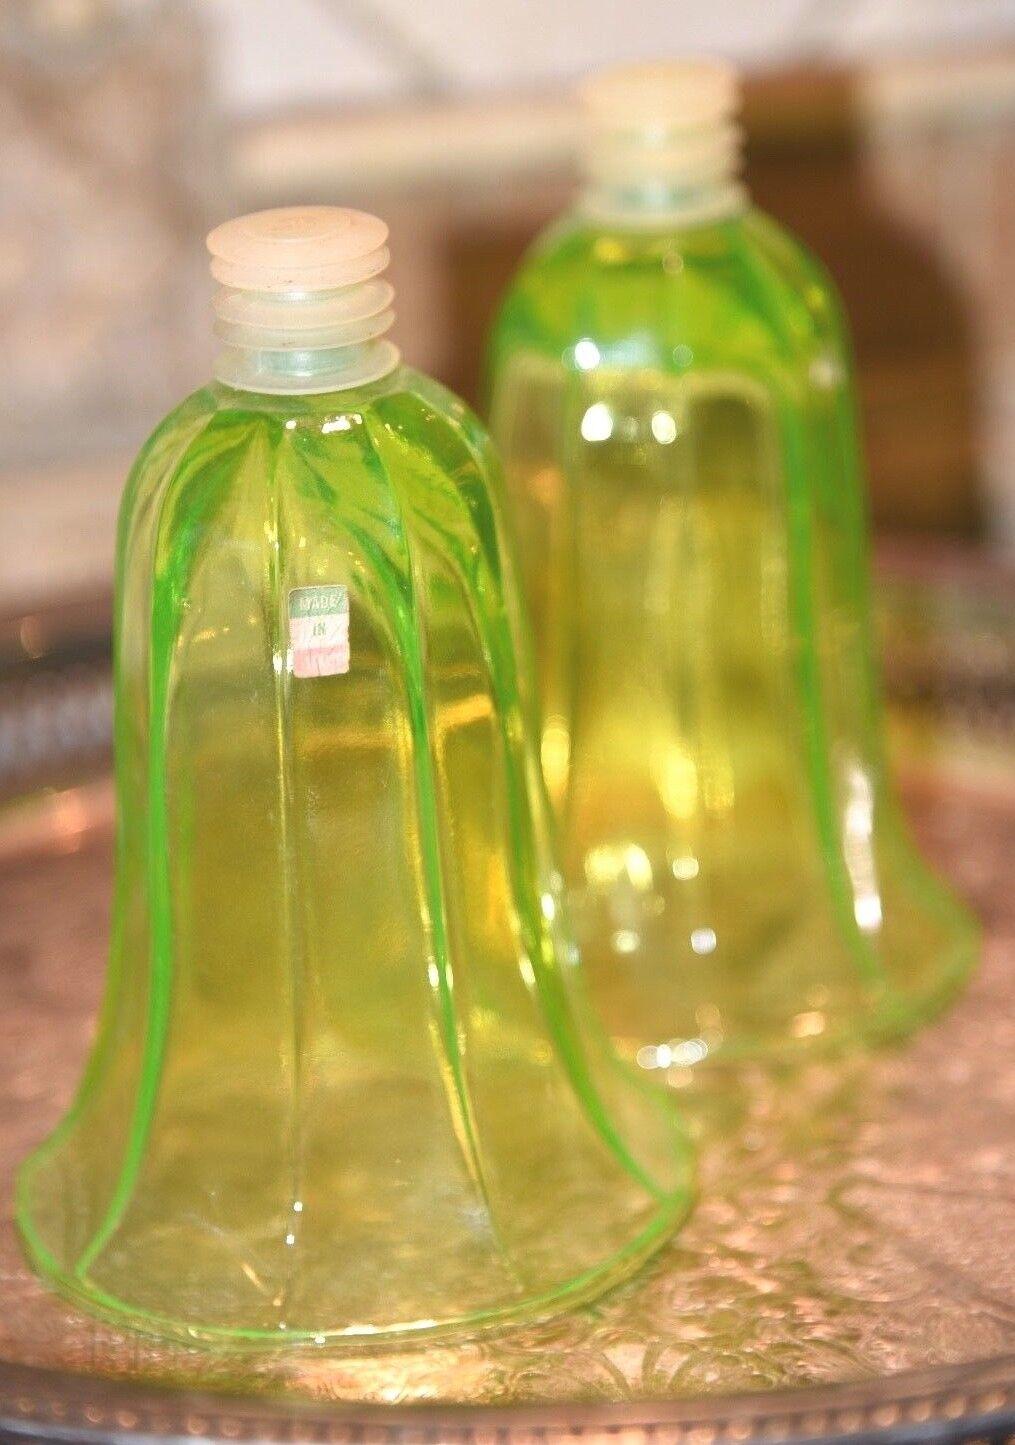 2 VINTAGE GLASS VOTIVE CANDLE HOLDER INSERT Grün VASELINE GLOW IN DARK 5 H